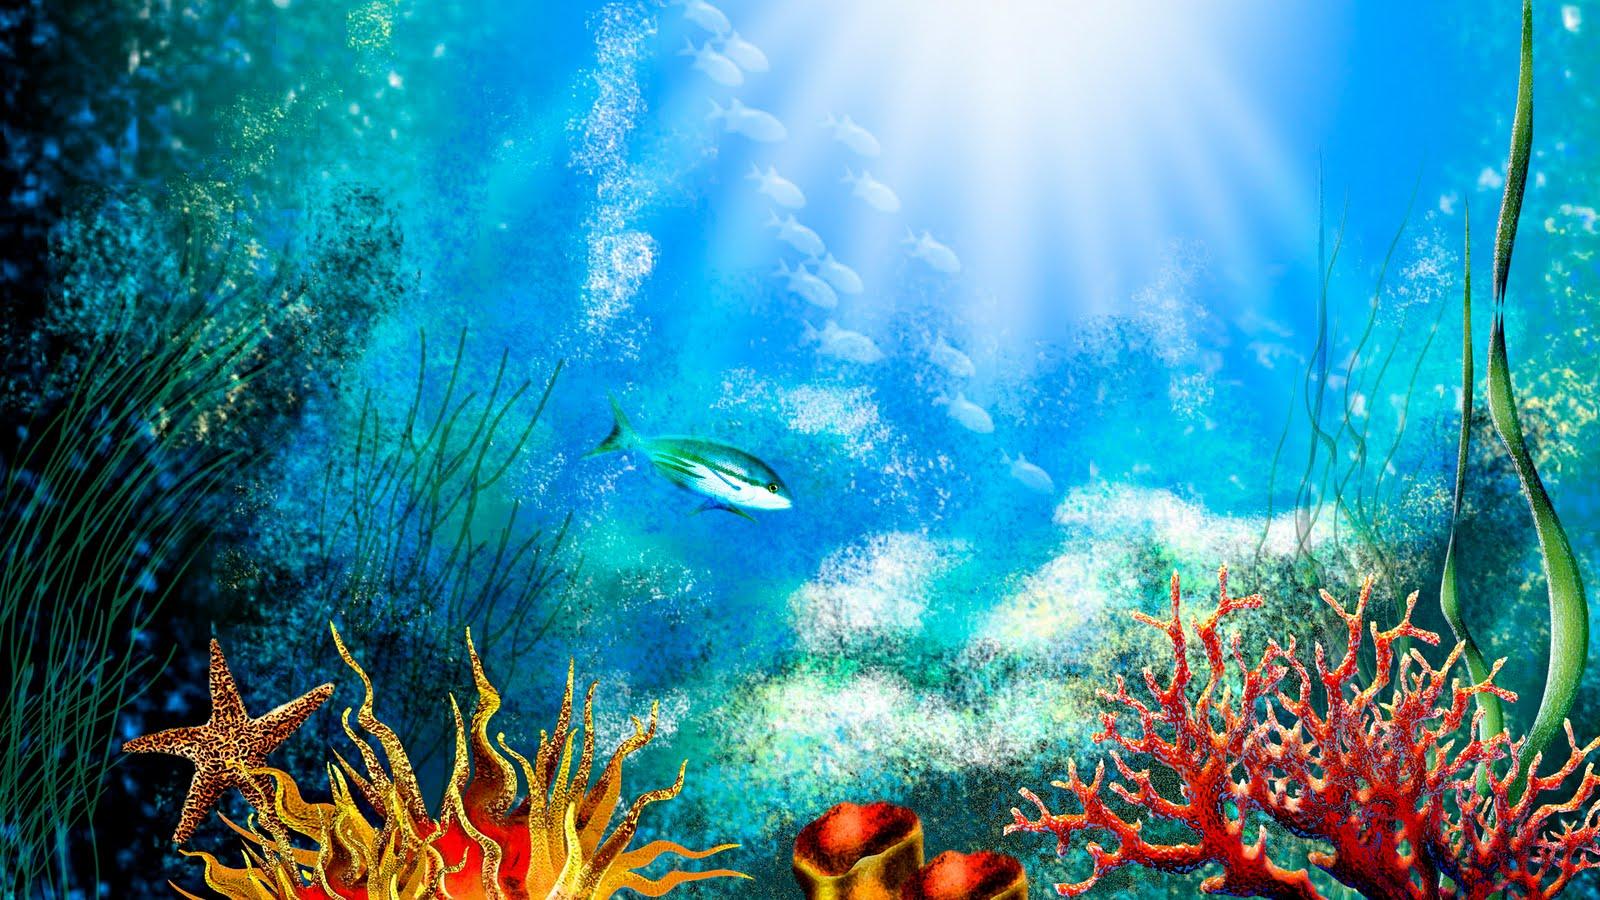 Aquarium hd wallpaper, aquarium wallpaper   Amazing Wallpapers